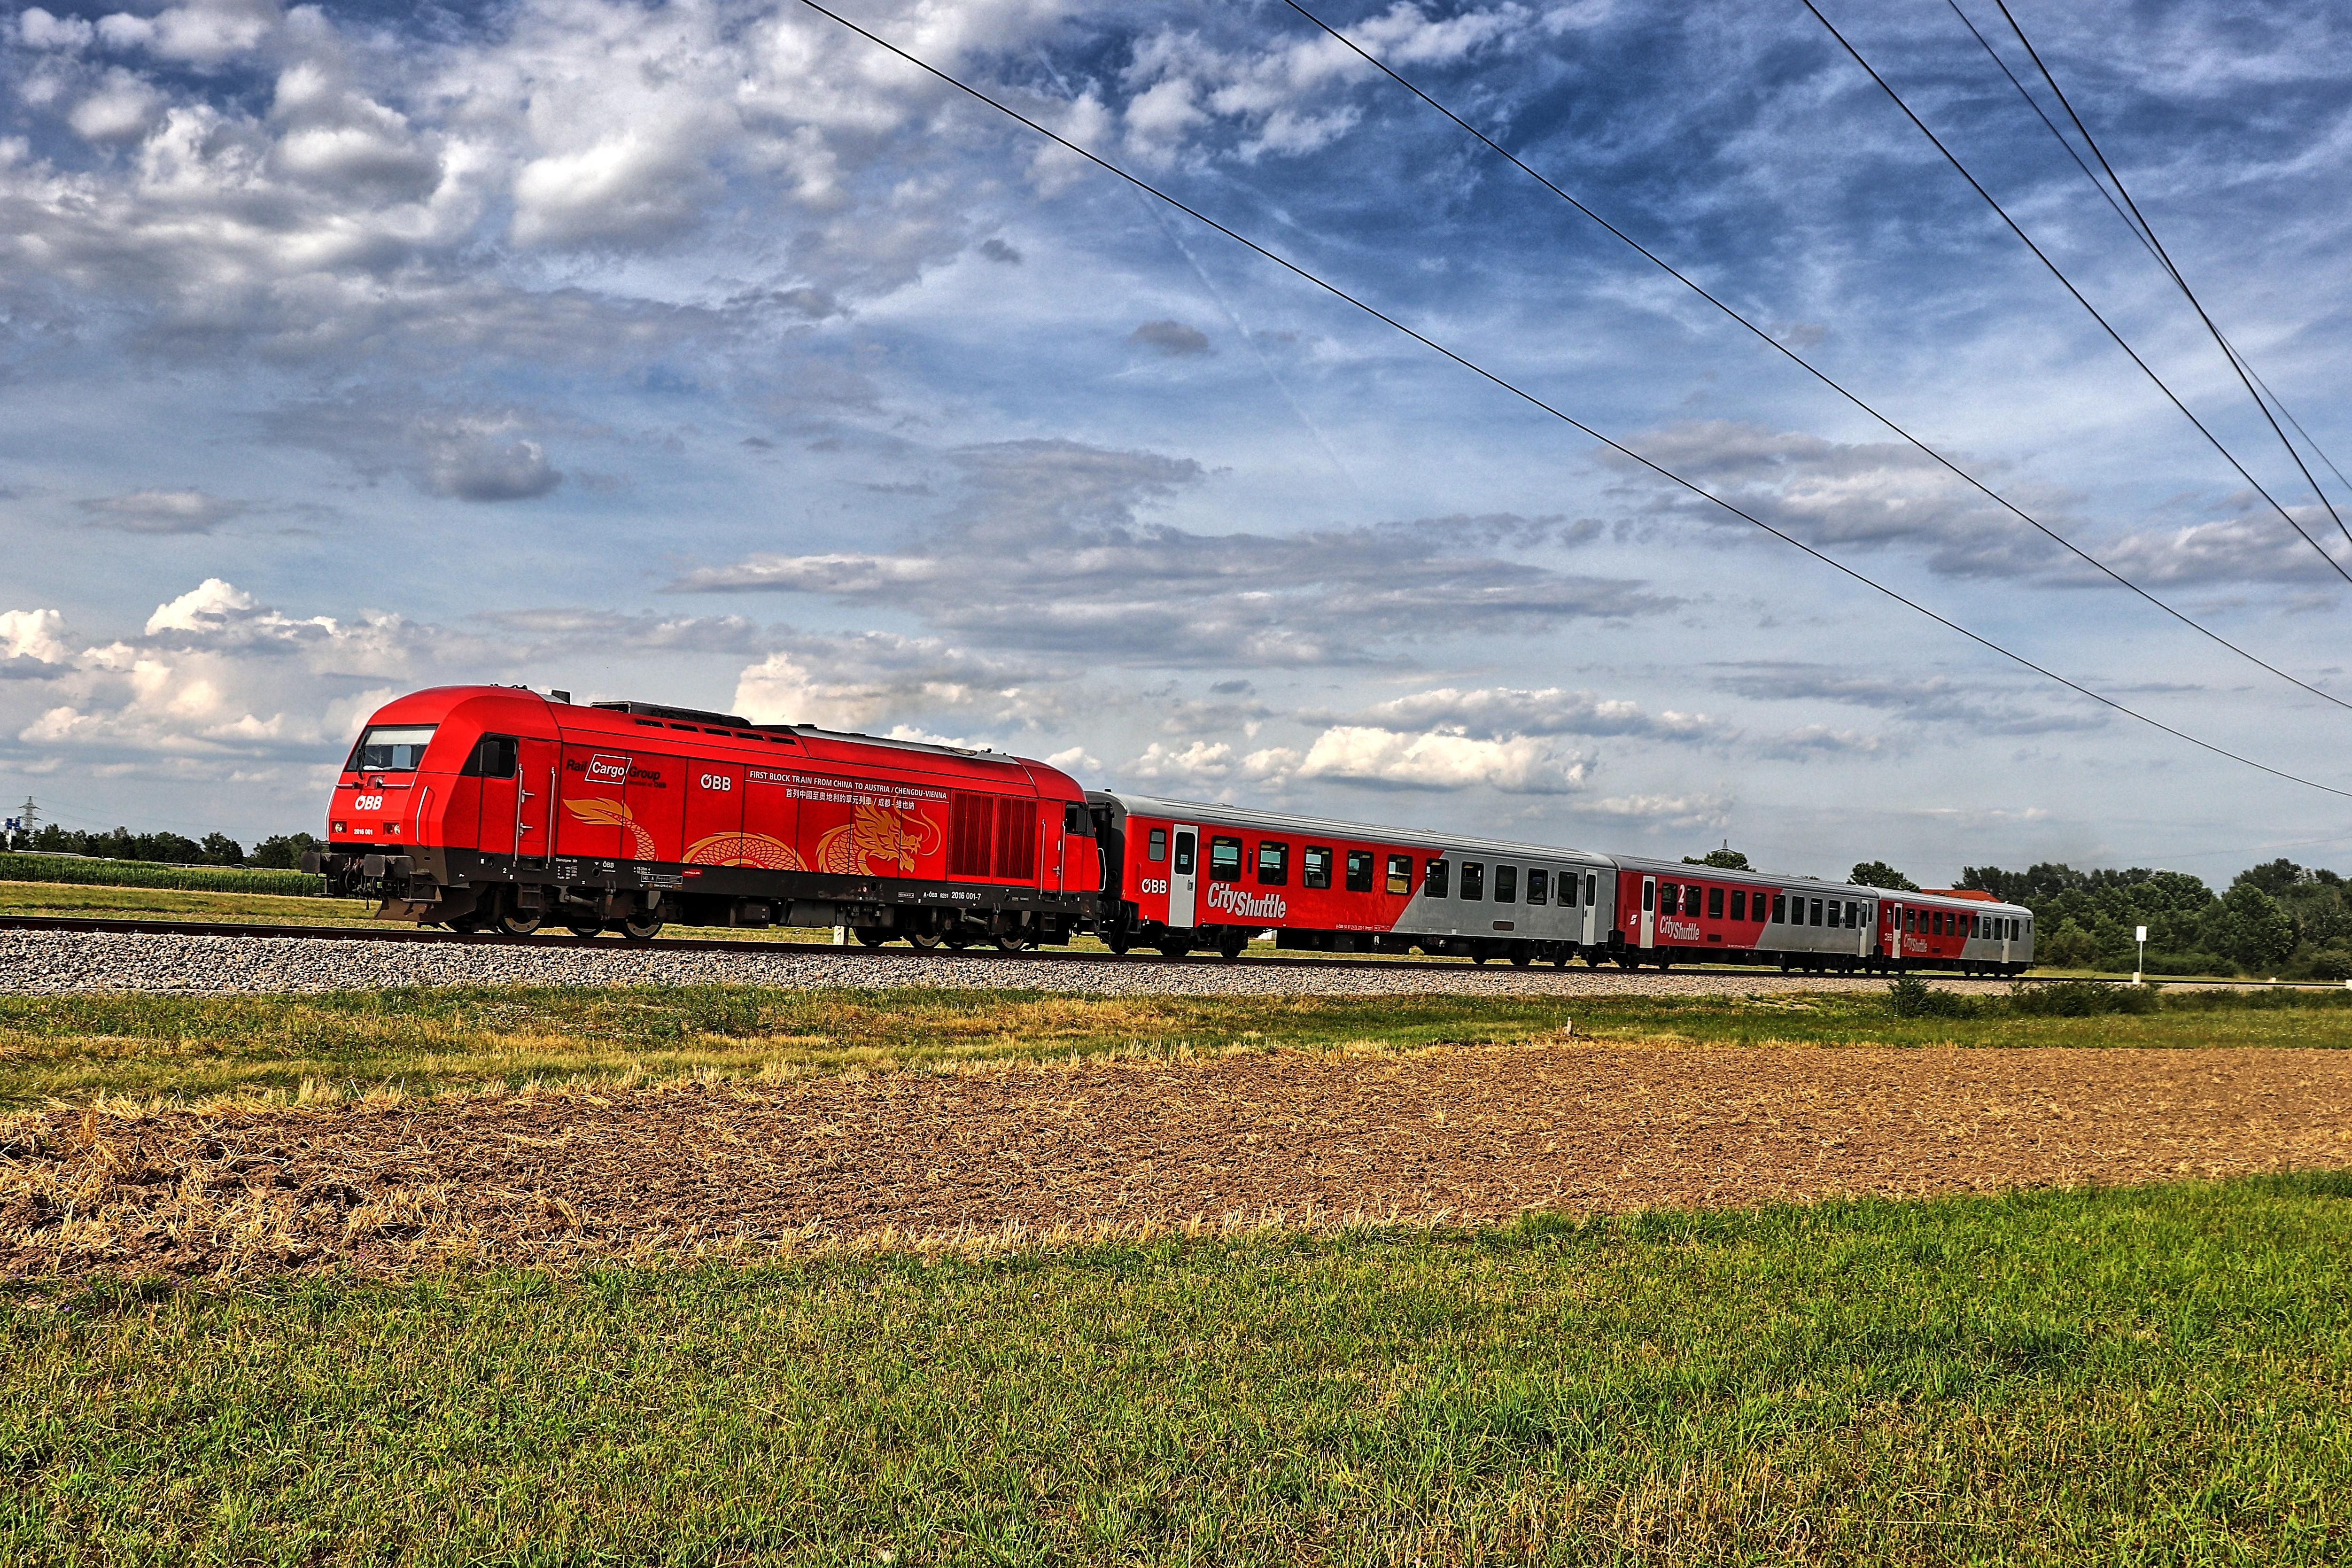 ÖBB 2016 001 kurz nach der Ausfahrt aus dem Bahnhof Katzelsdorf